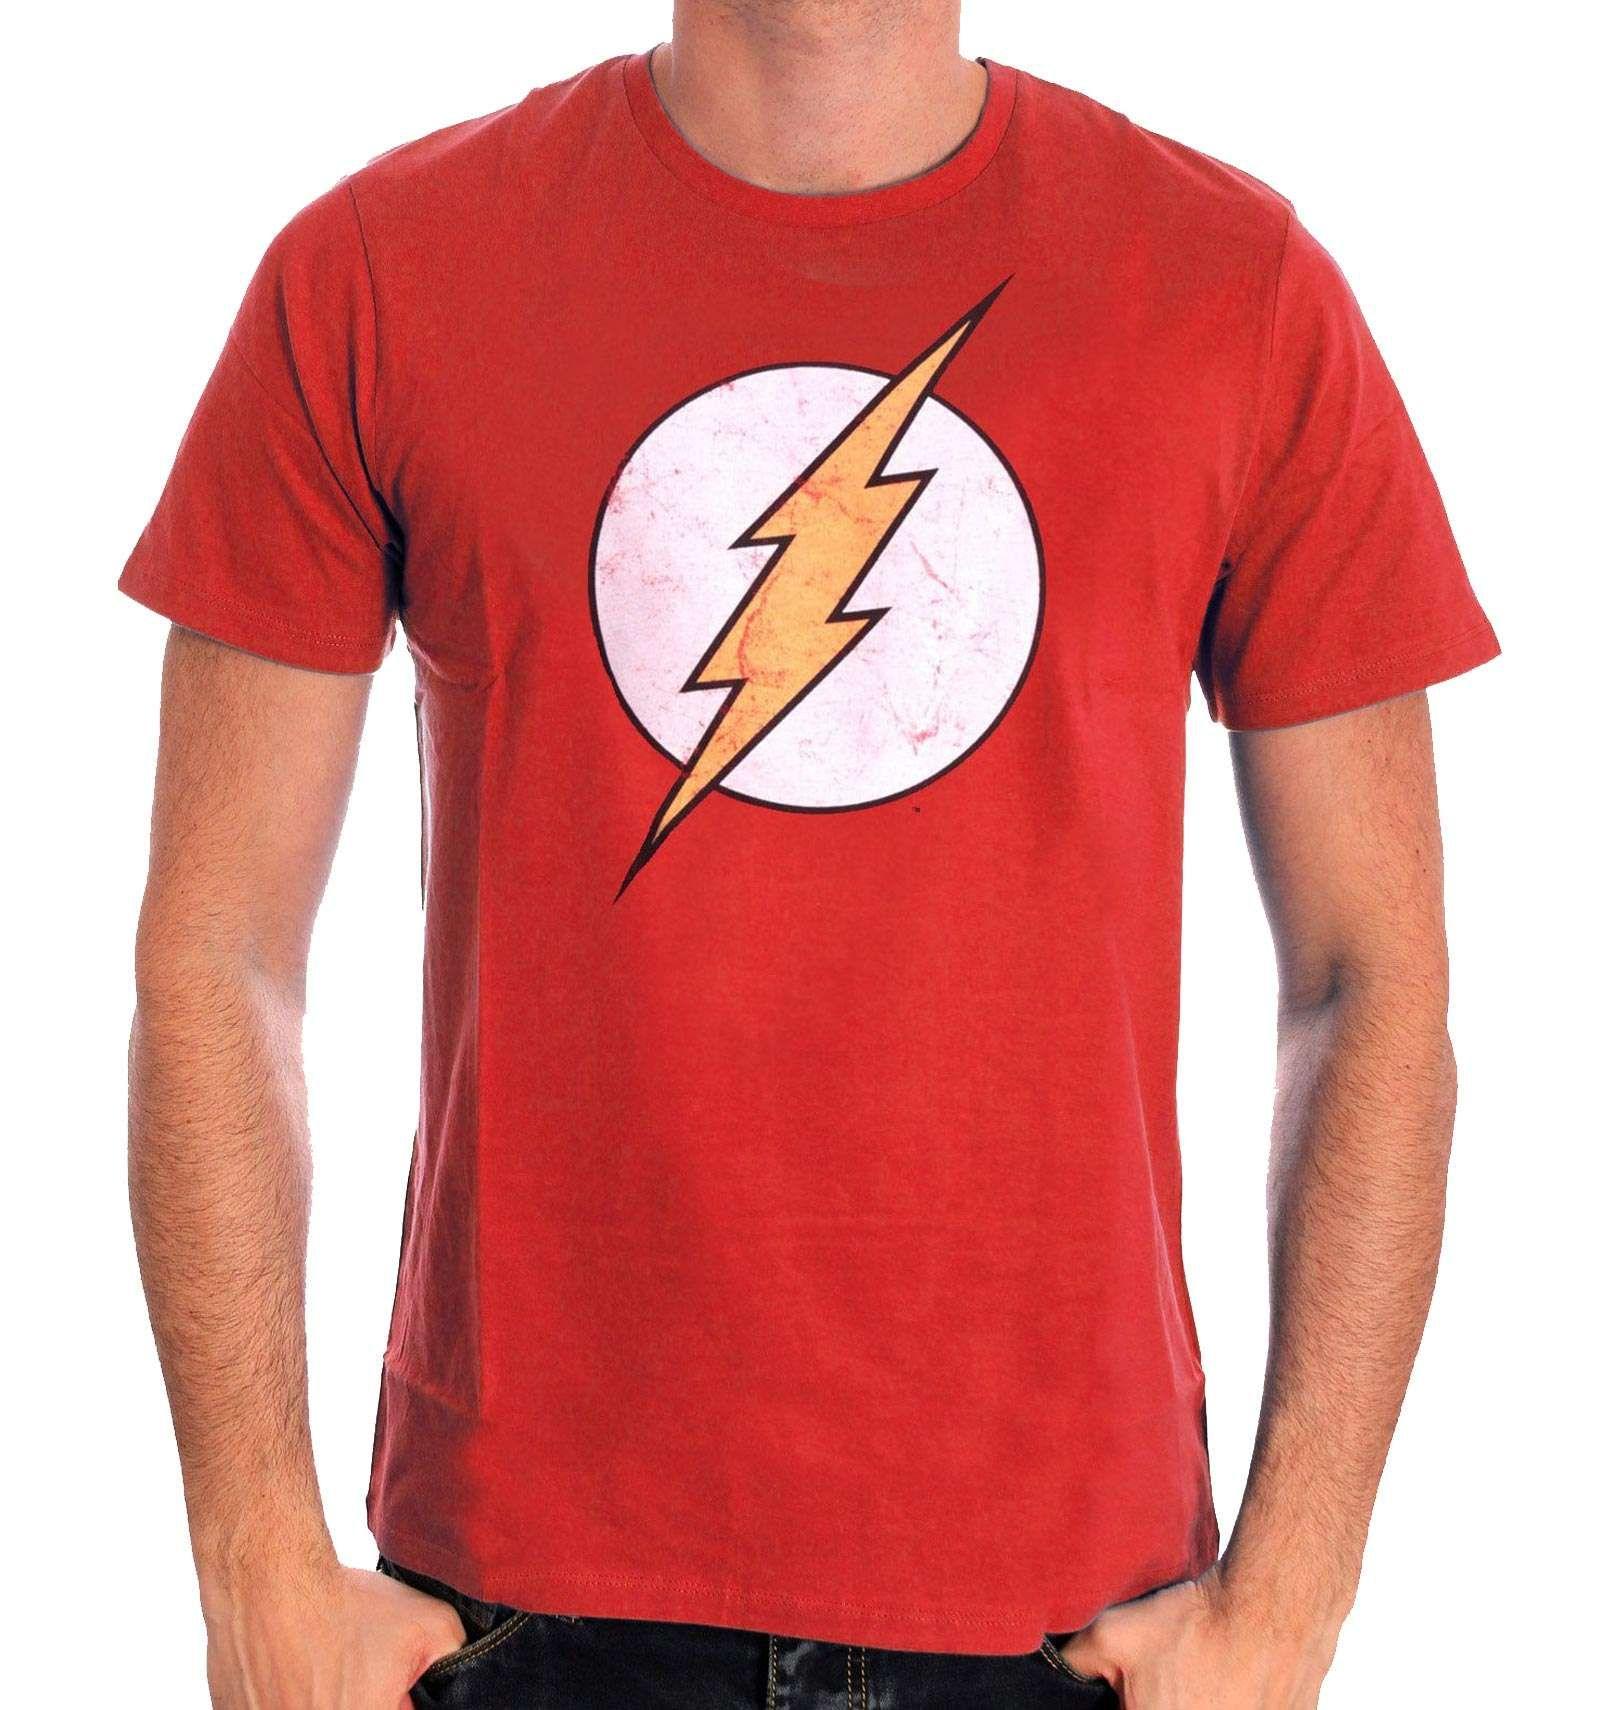 T Shirt The Flash Dc Comics Classic Logo T Shirt Dc Comics Costume Rouge